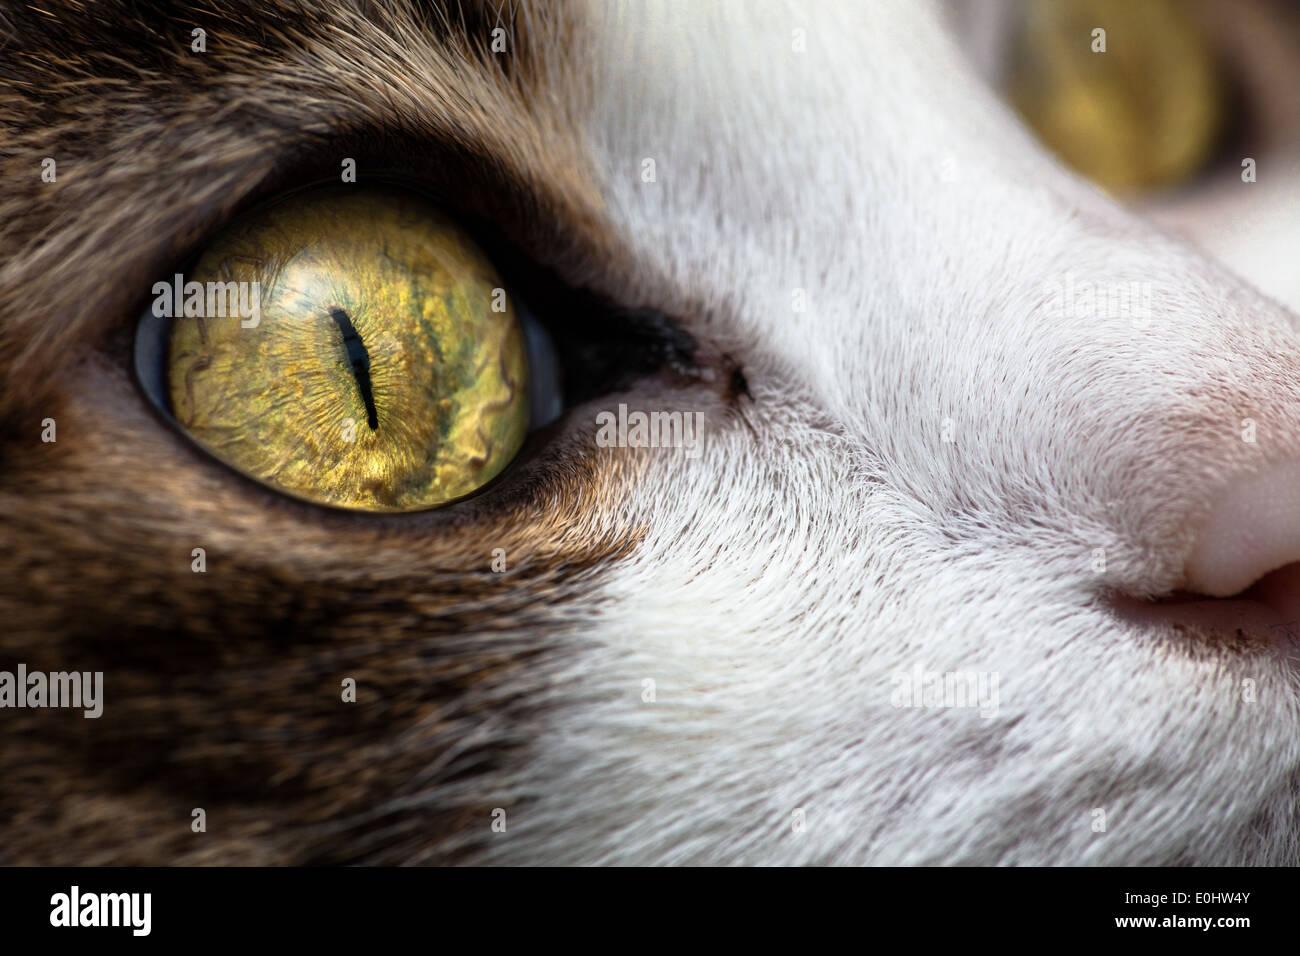 Katzenblick - Cat's gaze - Stock Image